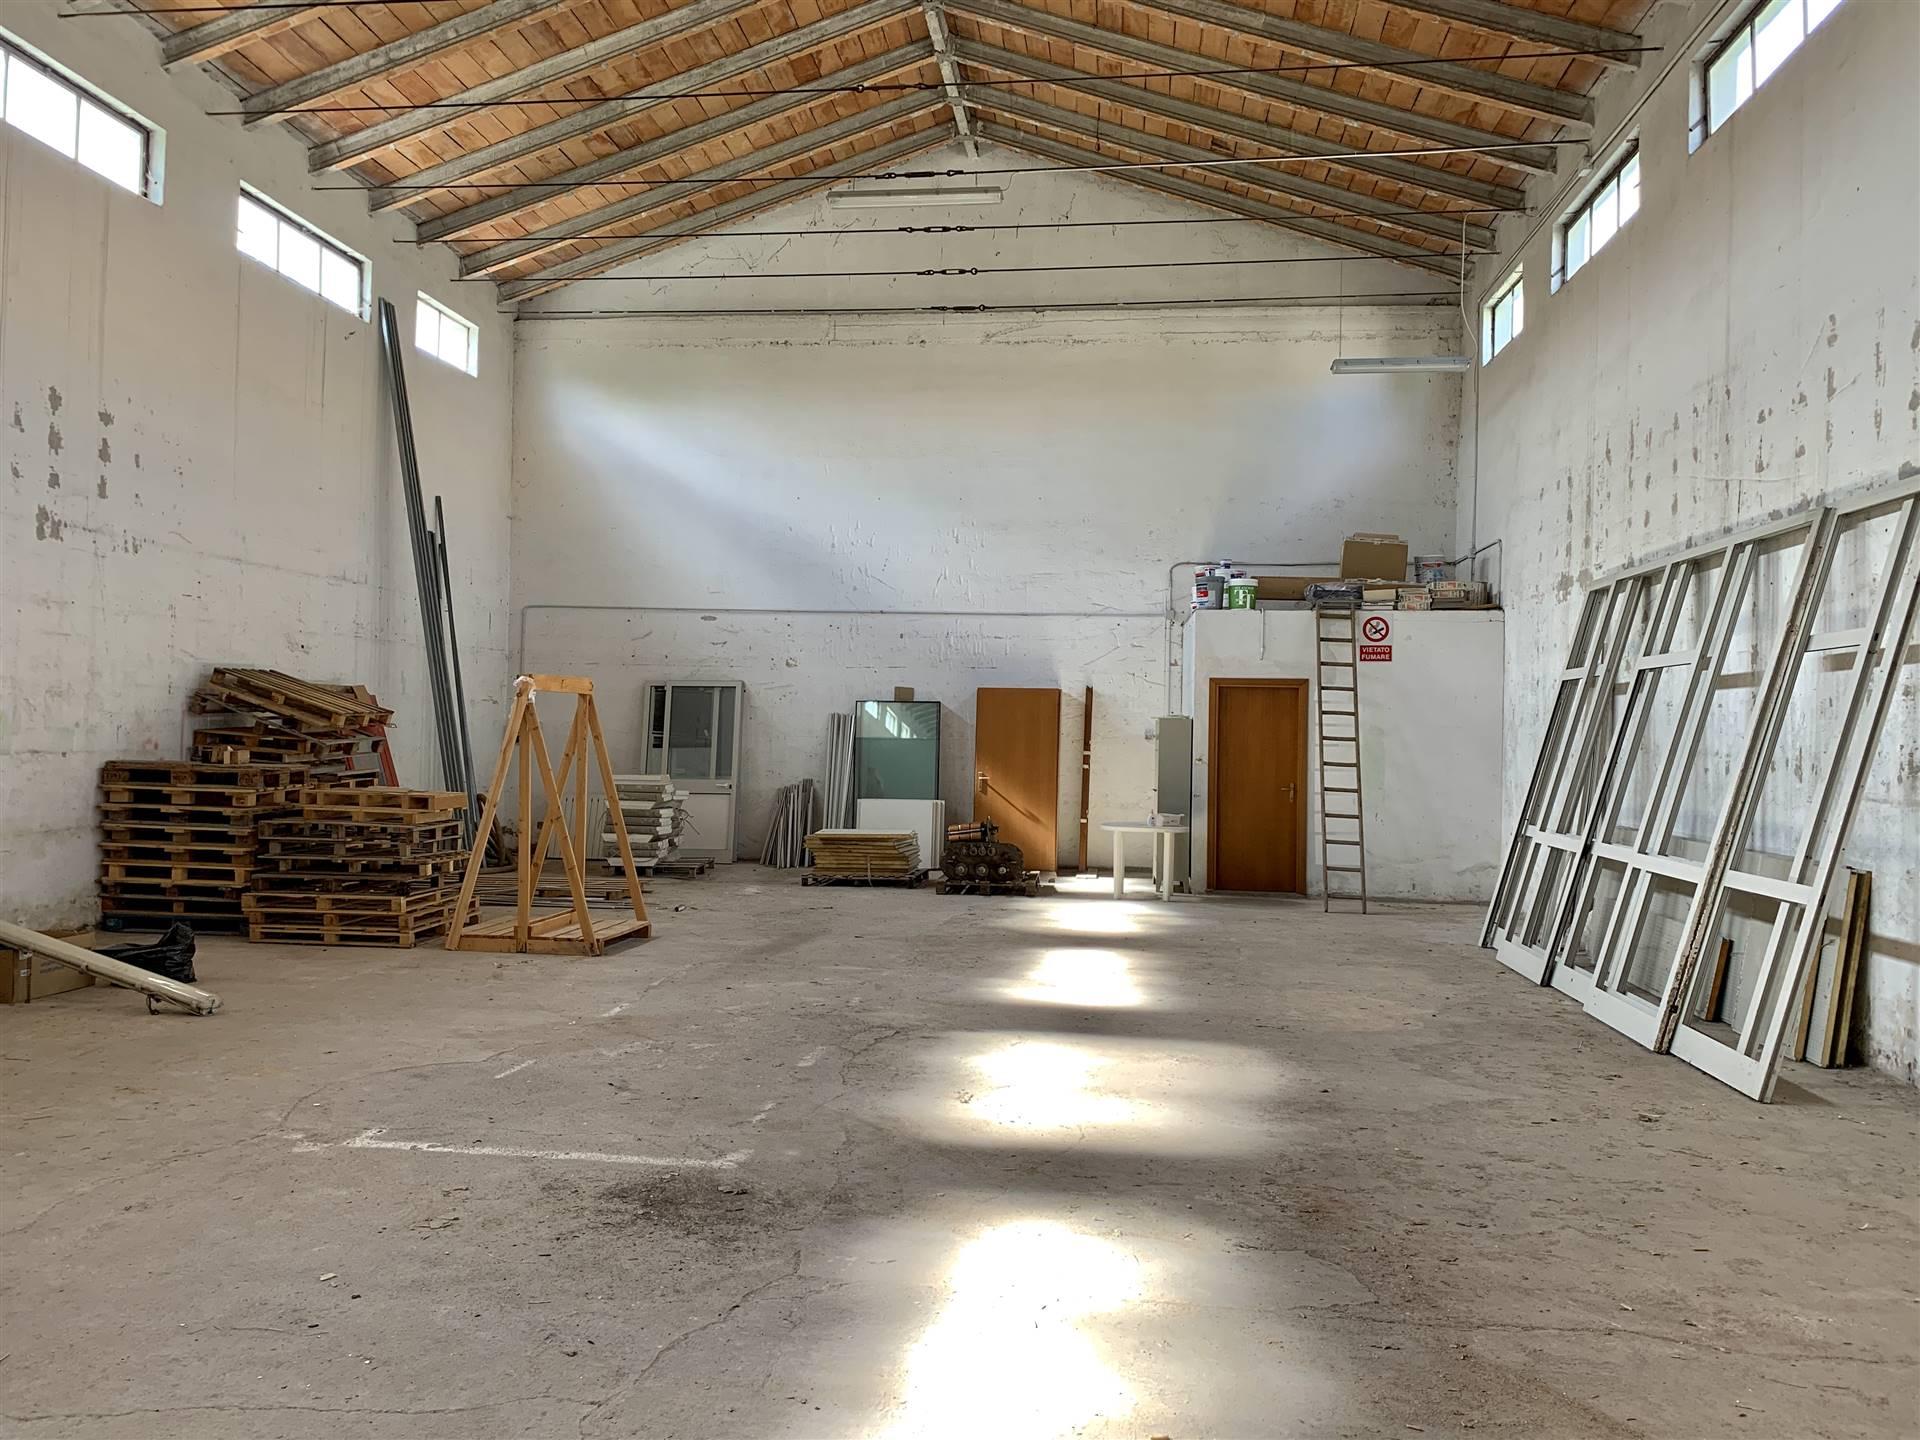 Immobile Commerciale in affitto a Porto Mantovano, 3 locali, zona Zona: Sant'Antonio (capoluogo), prezzo € 640 | CambioCasa.it